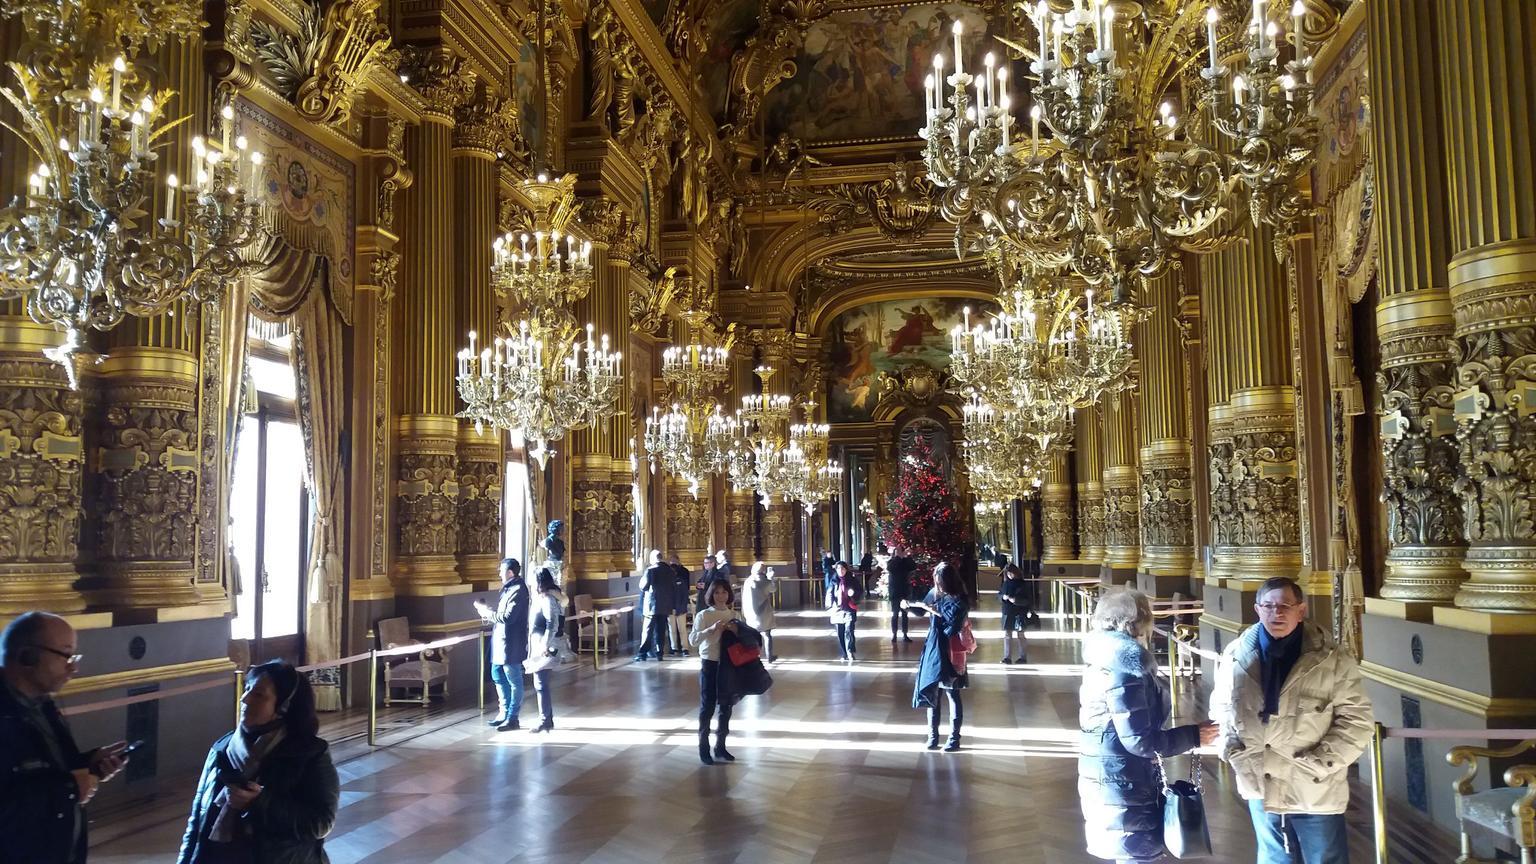 MAIS FOTOS, Excursão em Paris pelos tesouros da Ópera Garnier